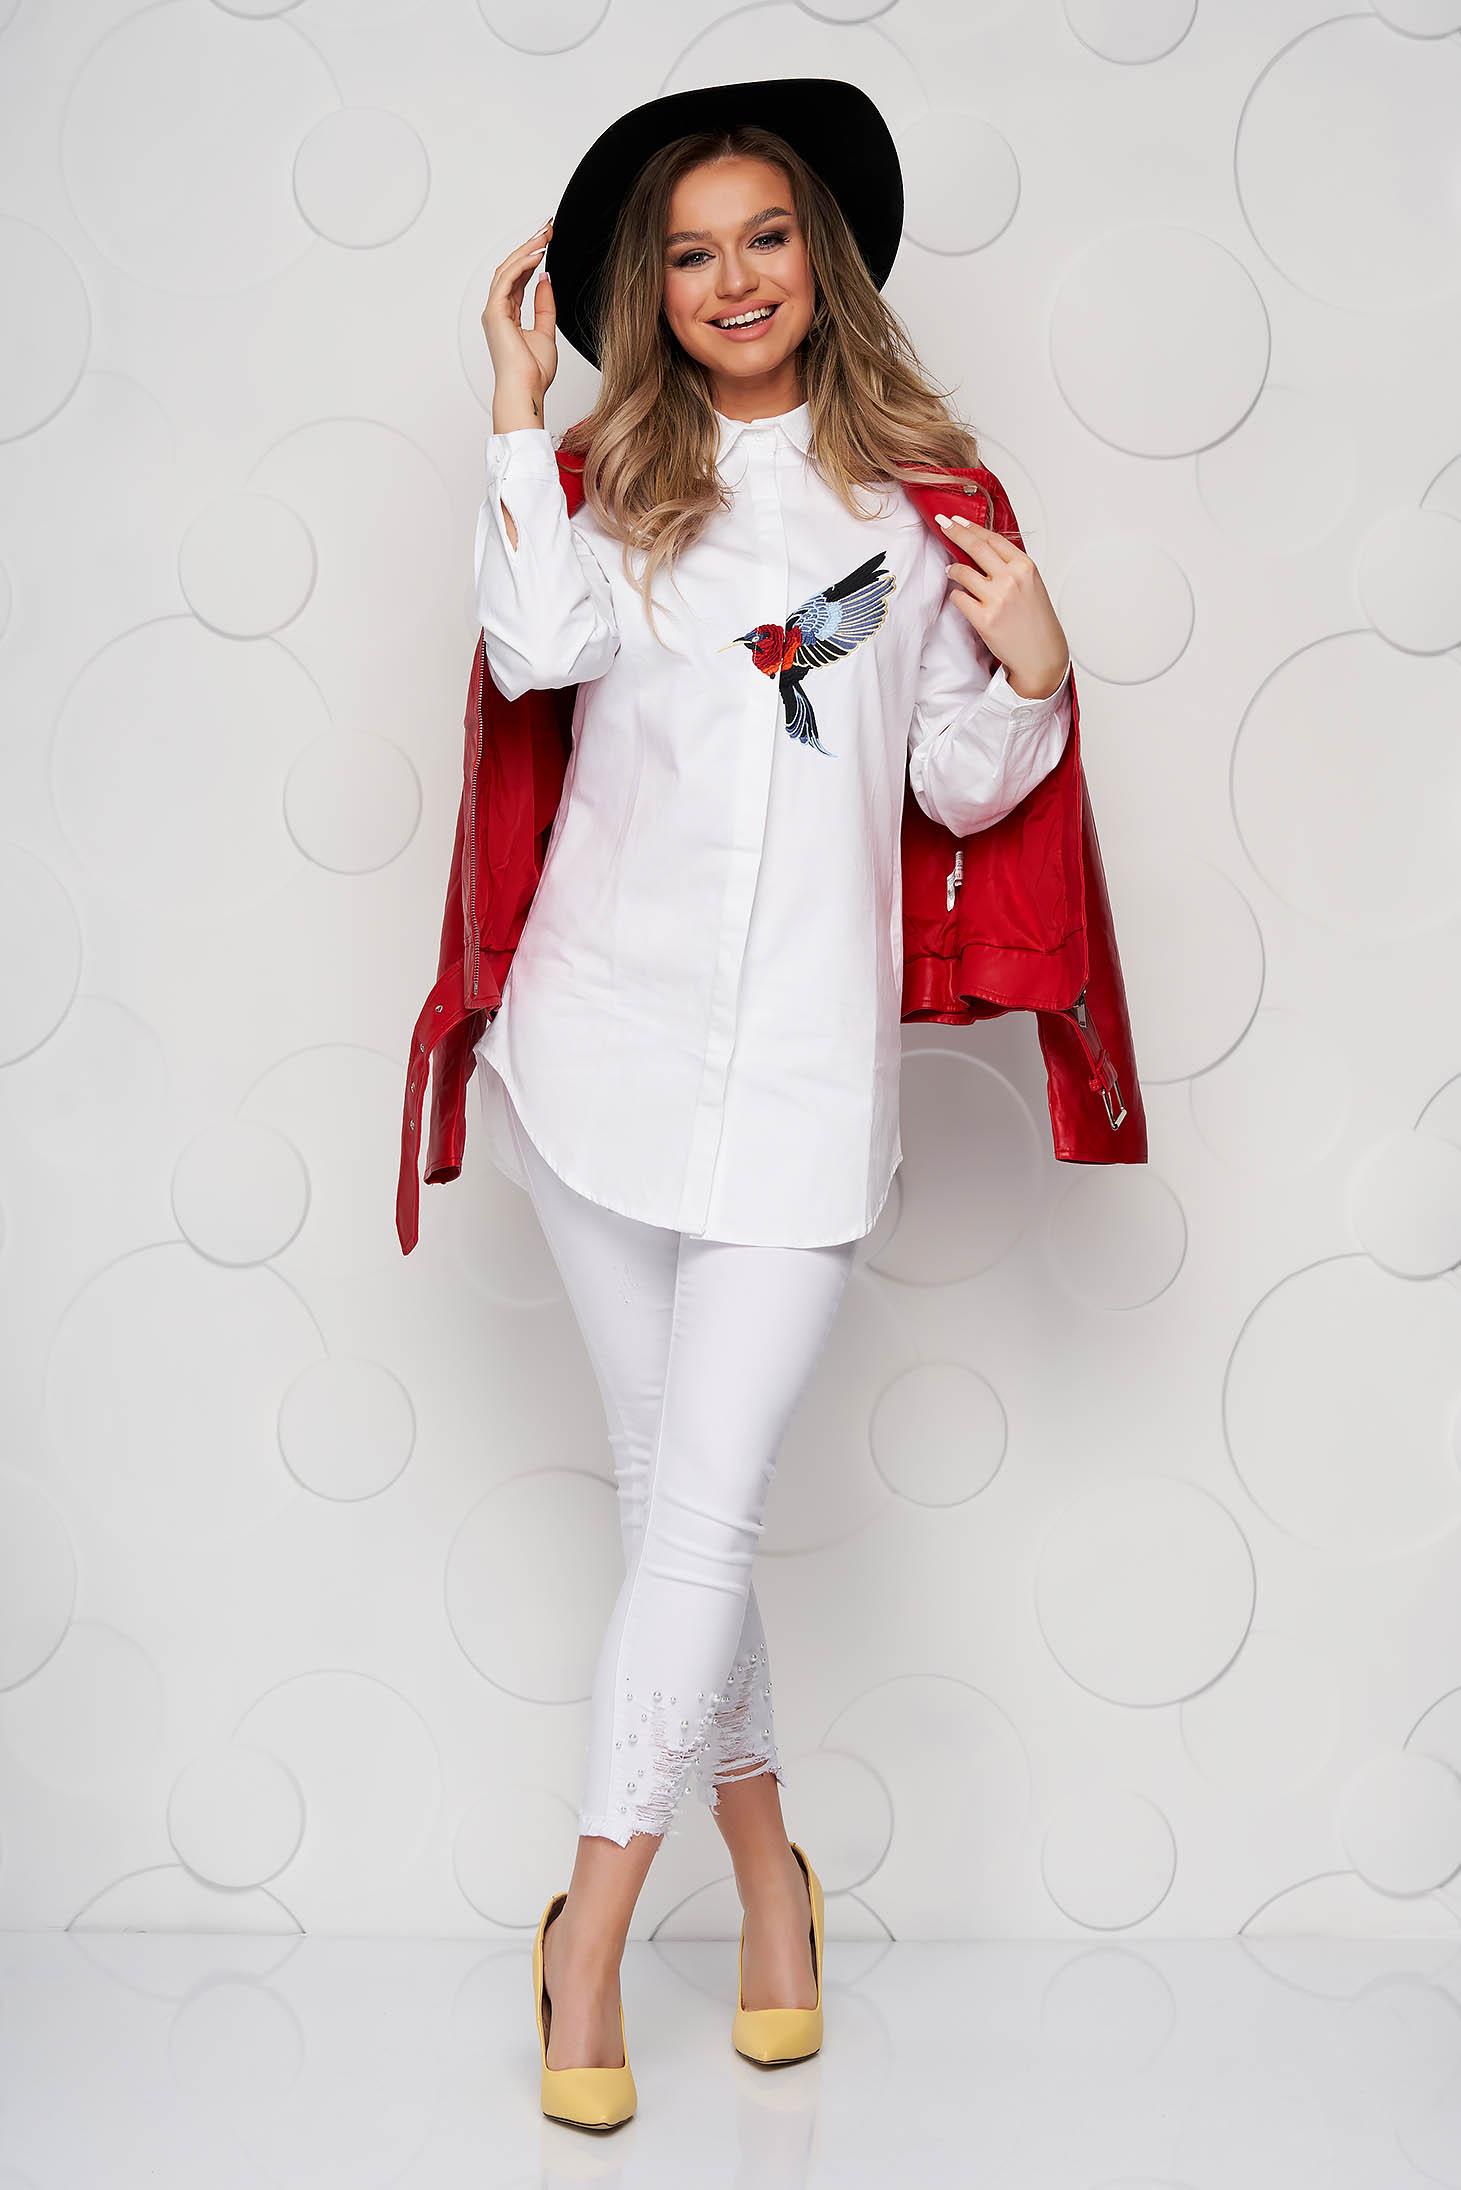 Bő szabású fehér női ing hímzett betétekkel vékony szövetből